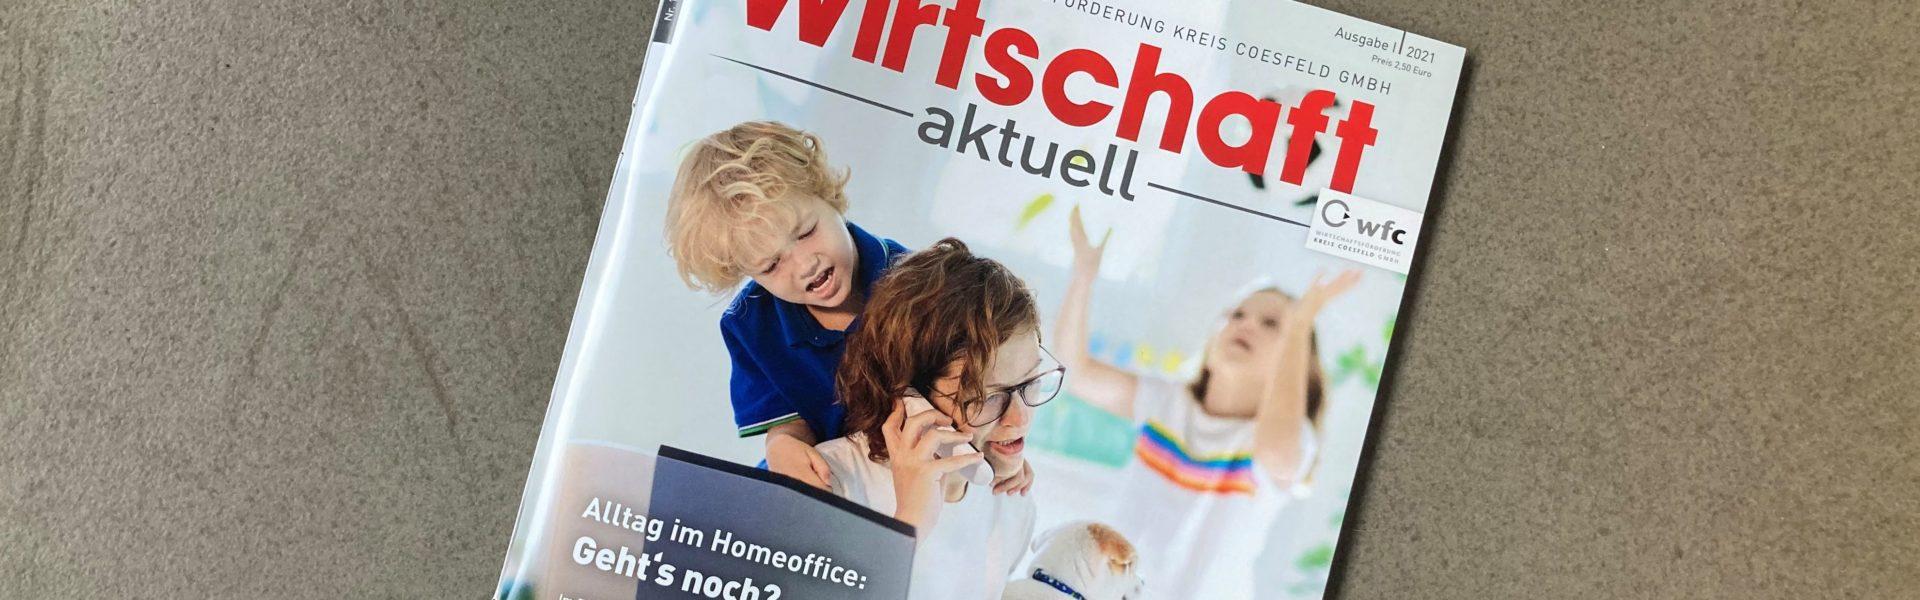 WIRTSCHAFT AKTUELL | AUSGABE 1. QUARTAL 2021